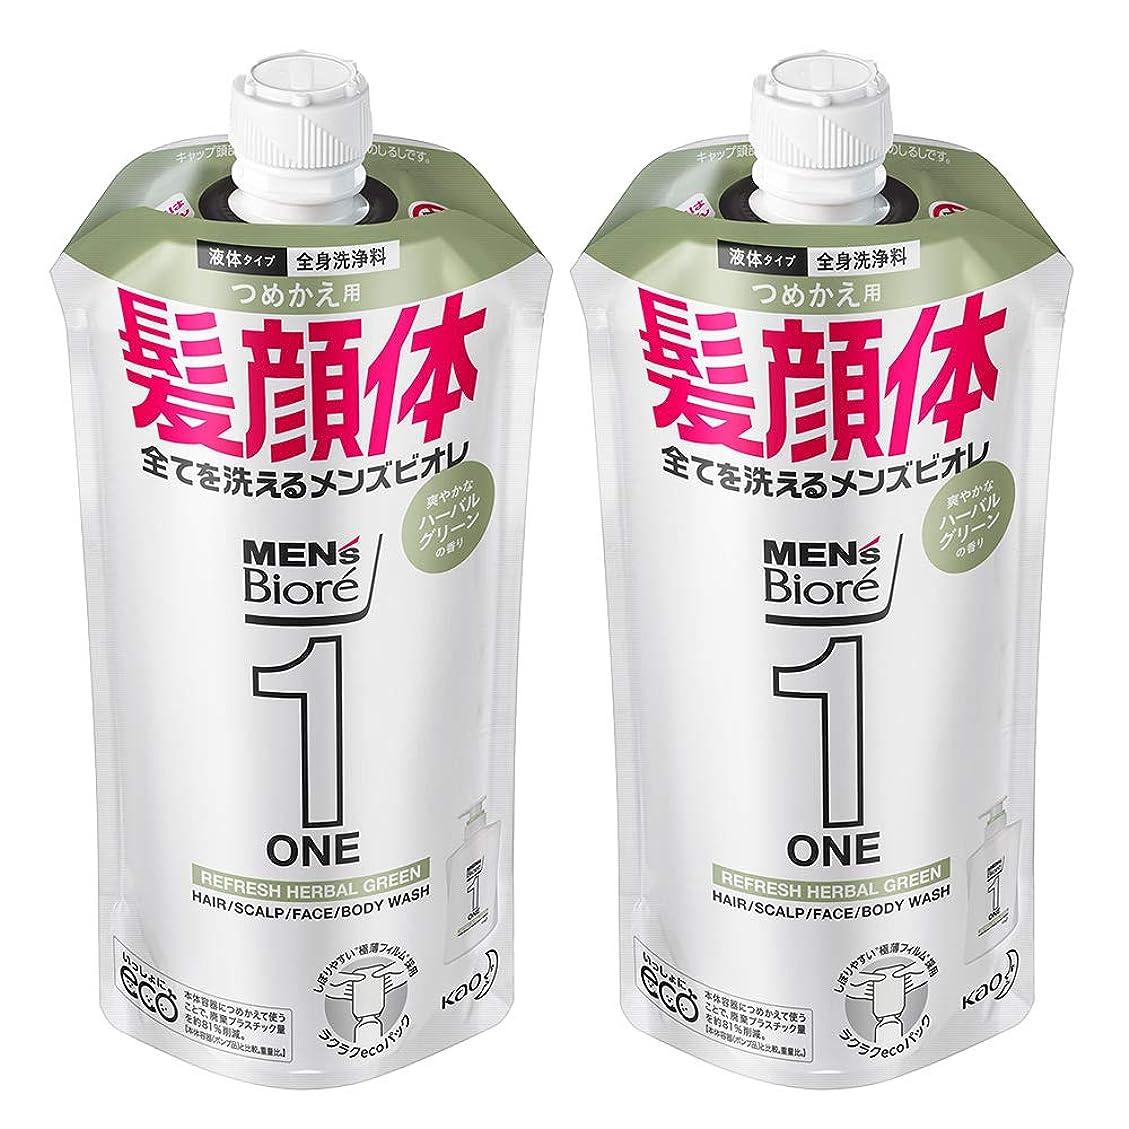 遺産予防接種辞任する【まとめ買い】メンズビオレ ONE オールインワン全身洗浄料 ハーバルグリーンの香り つめかえ用 340ml×2個